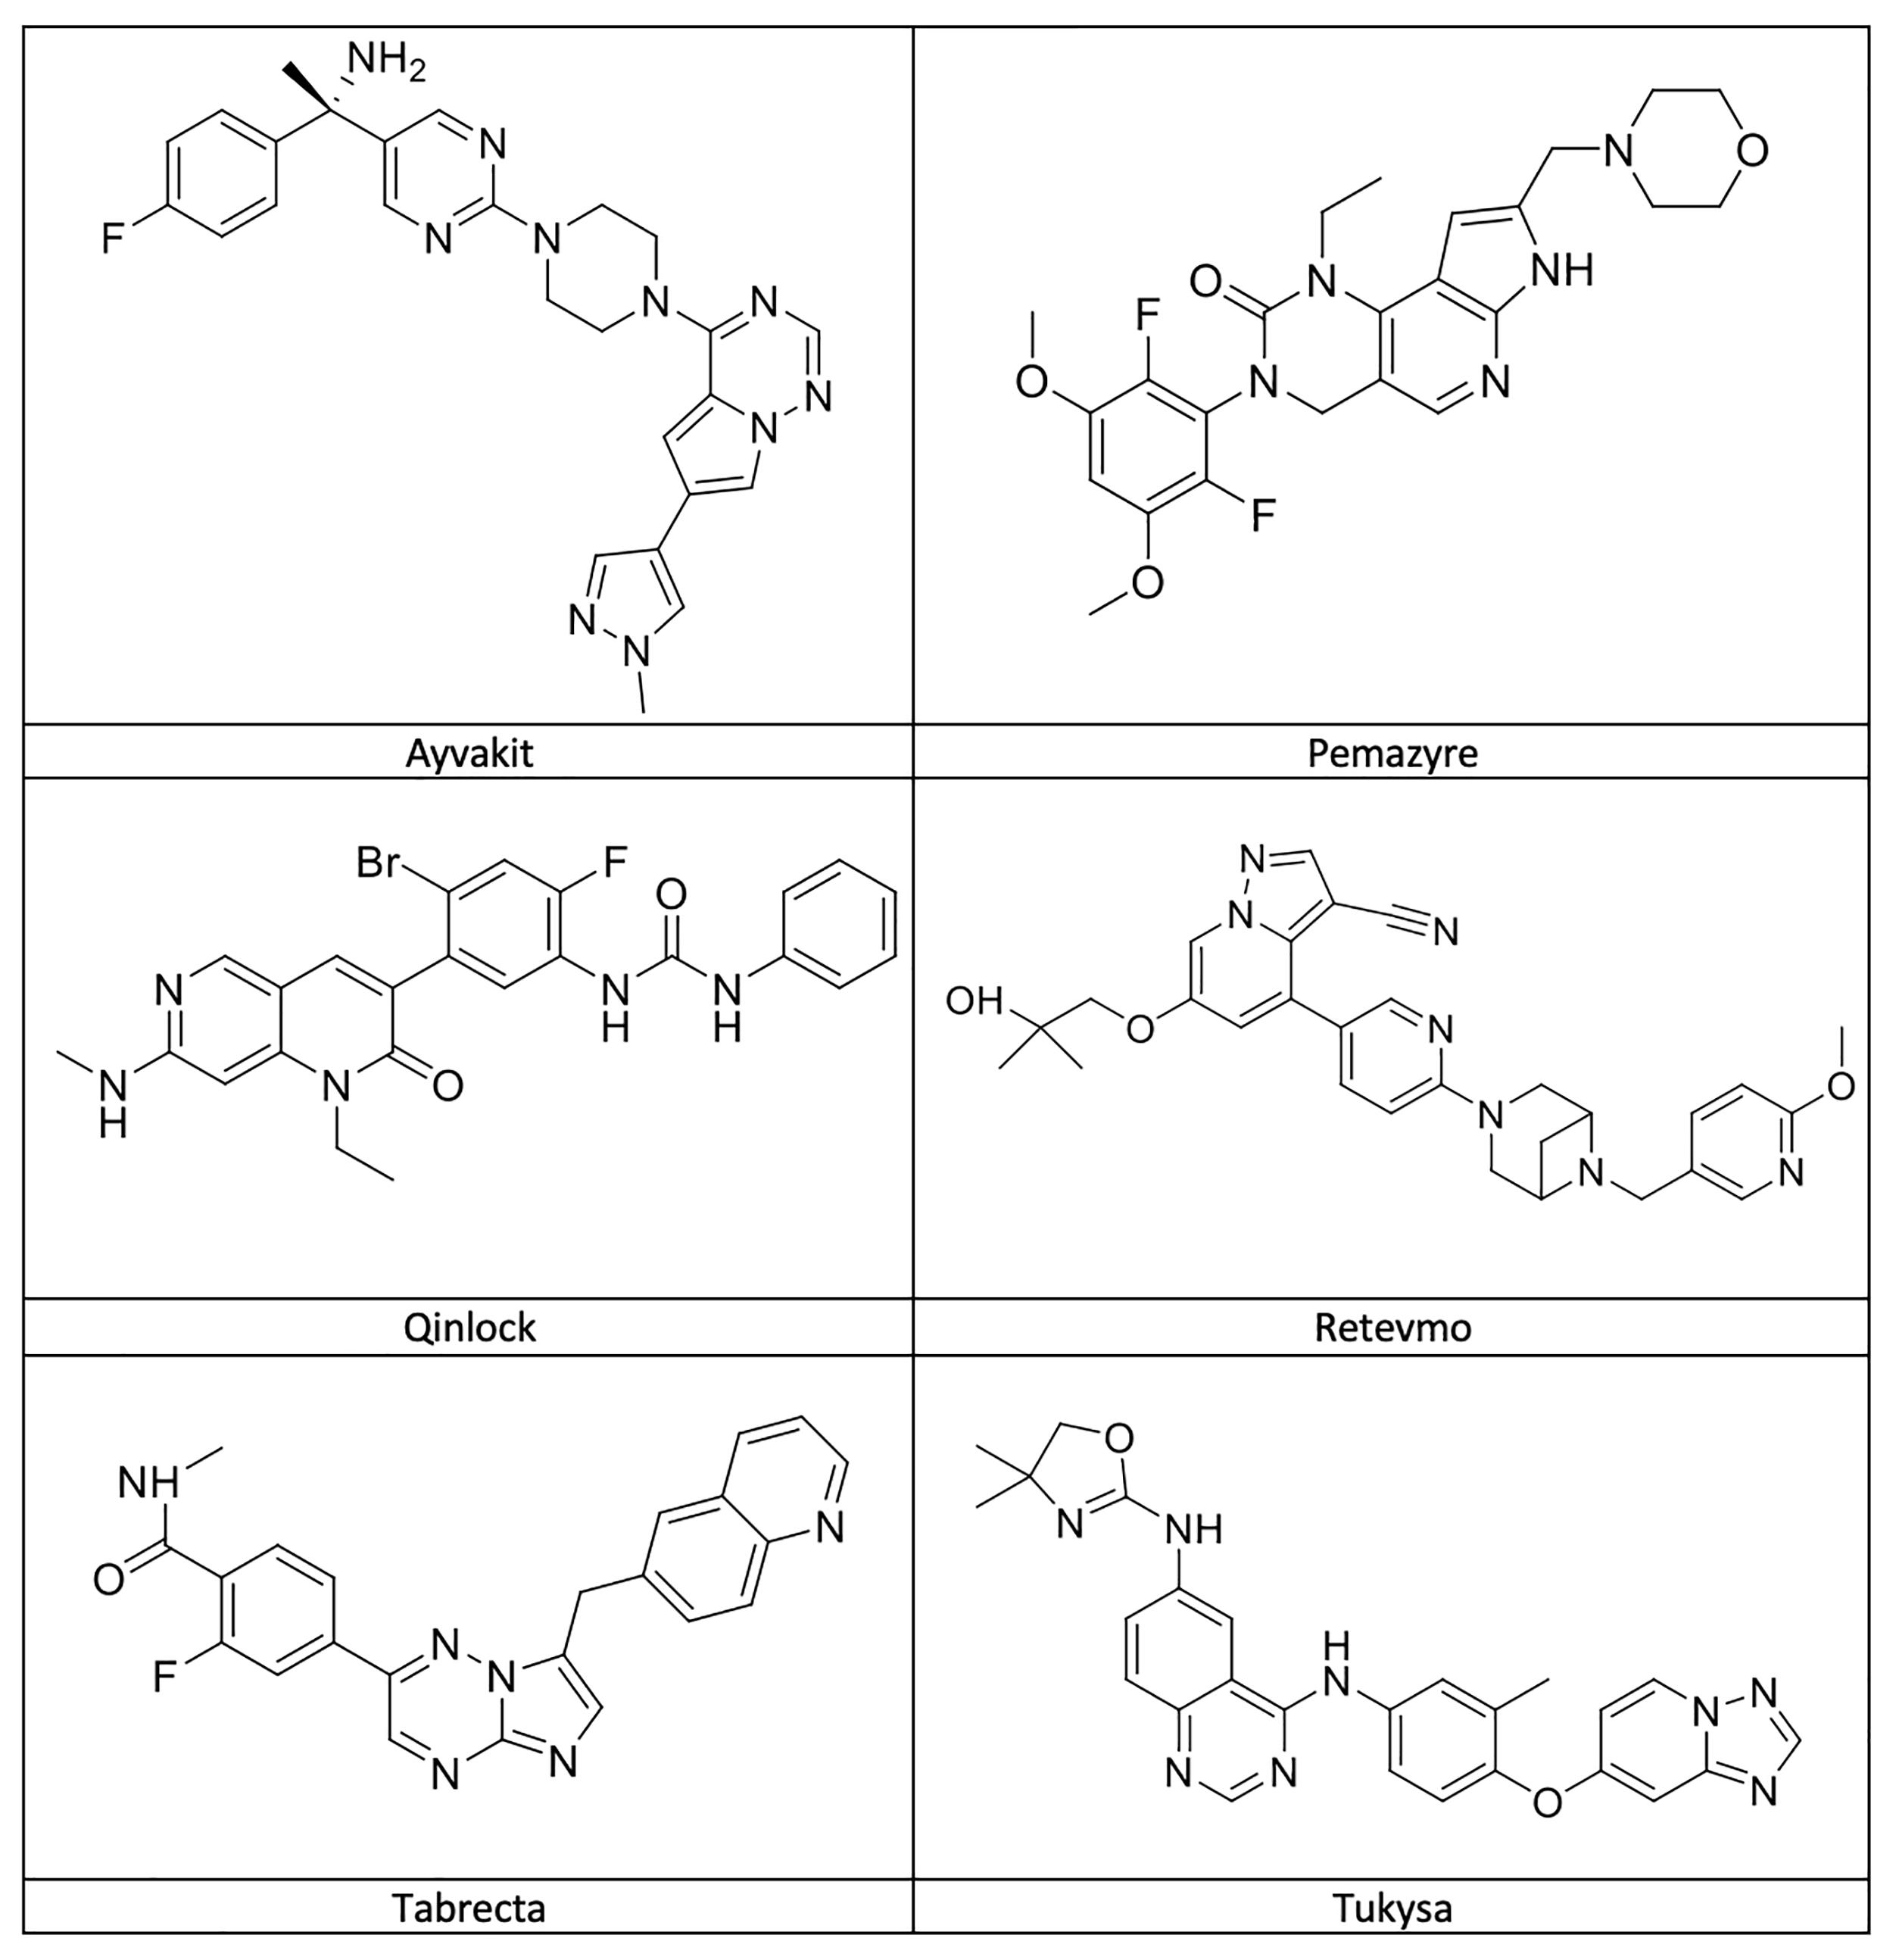 2020 pioneer drugs representing